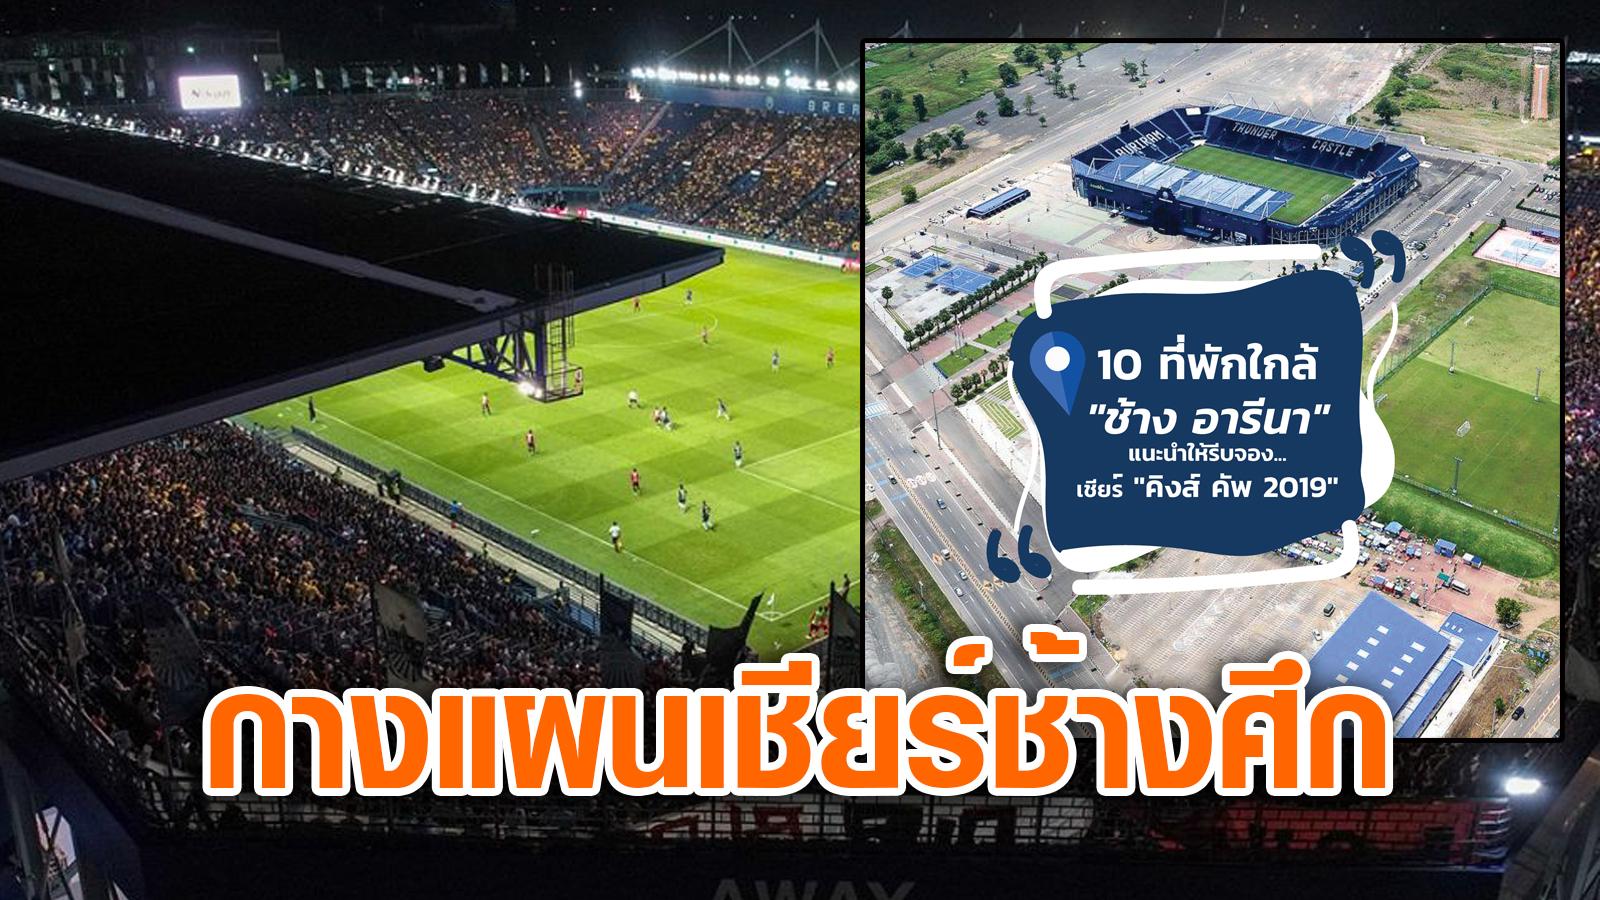 คิงส์ คัพ คิงส์ คัพ 2019 ทีมชาติอินเดีย ทีมชาติเวียดนาม ทีมชาติไทย